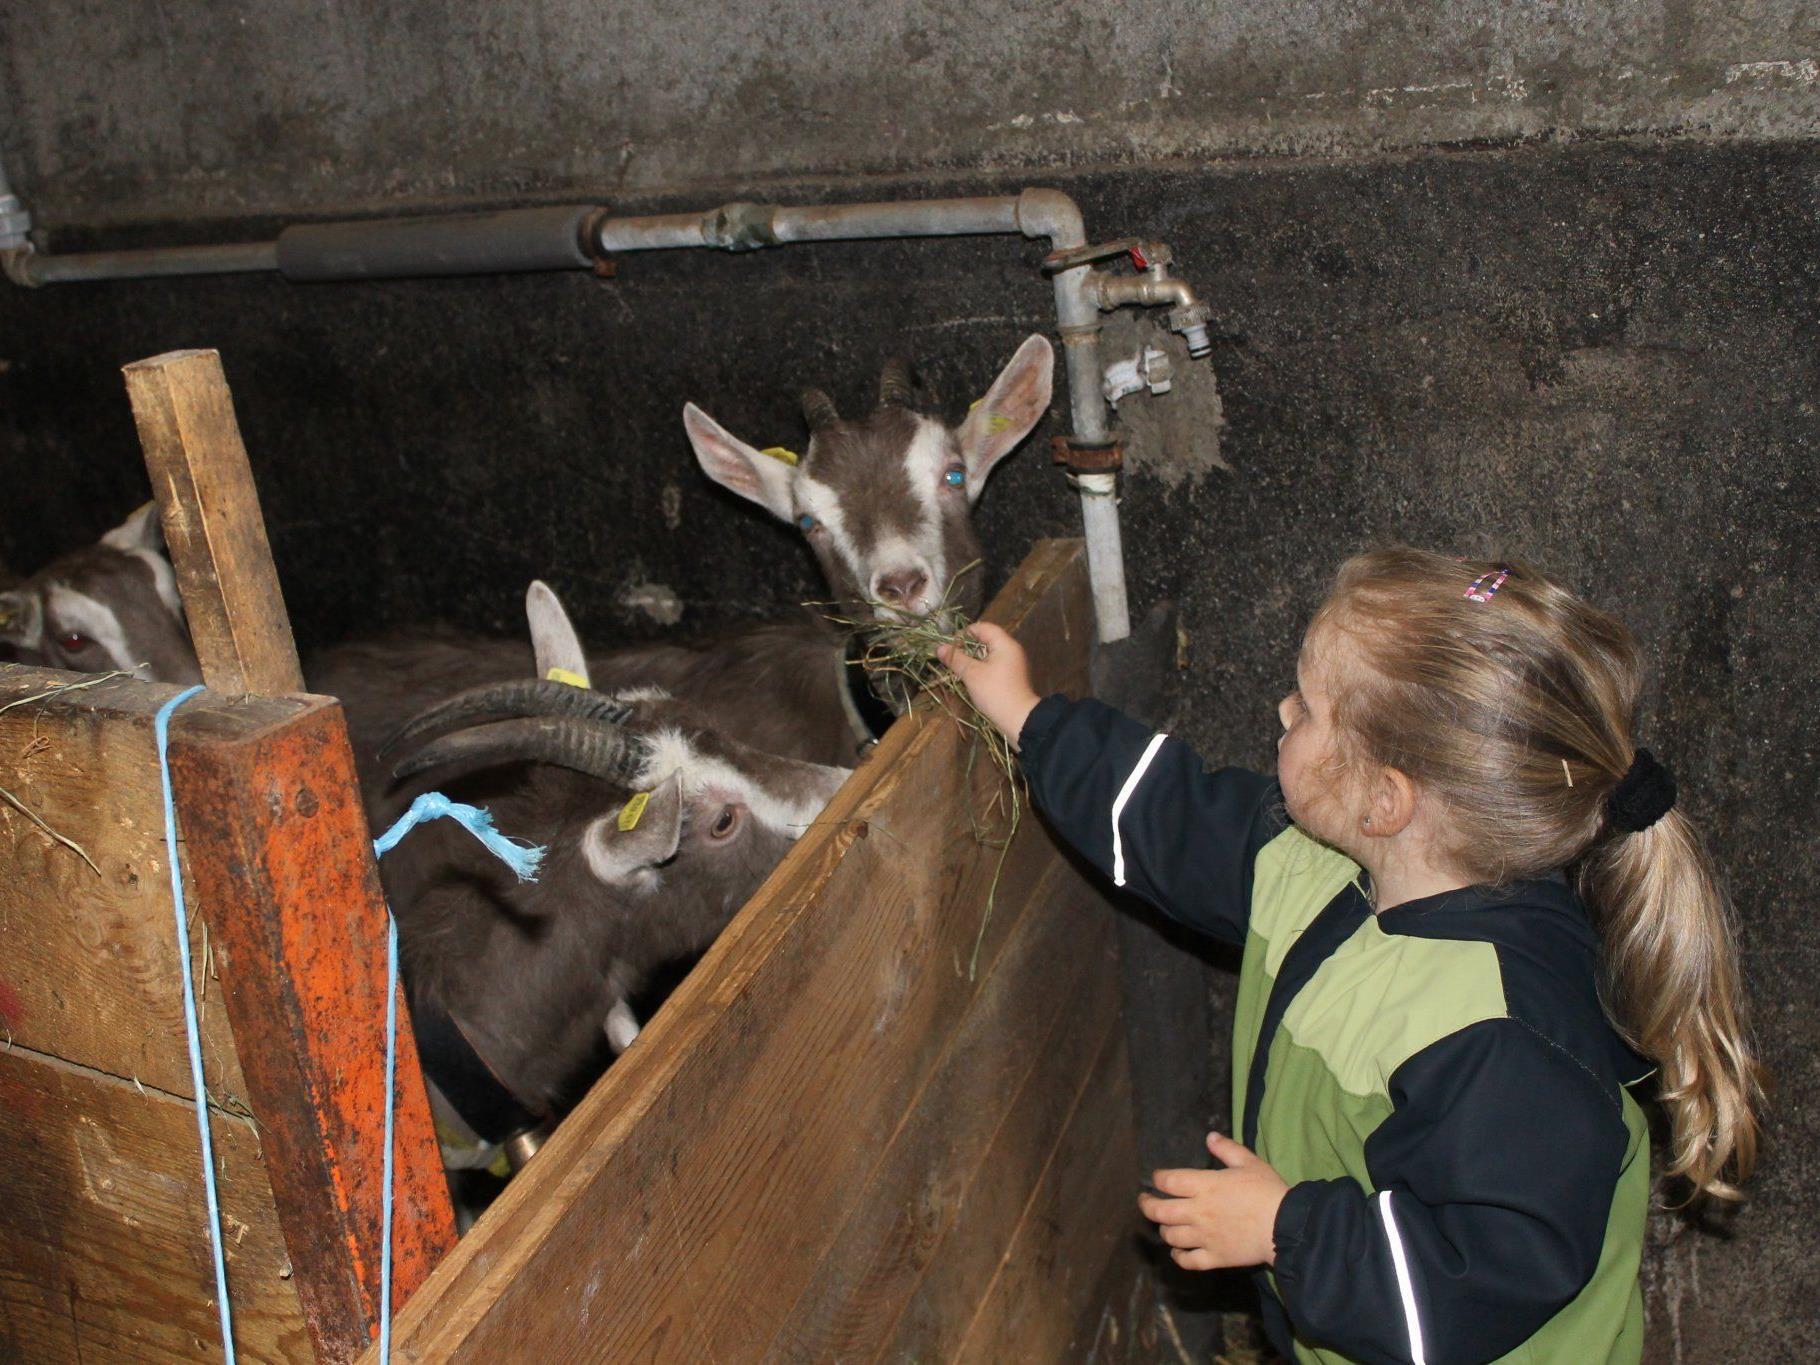 Alina füttert mit Begeisterung die Ziegen